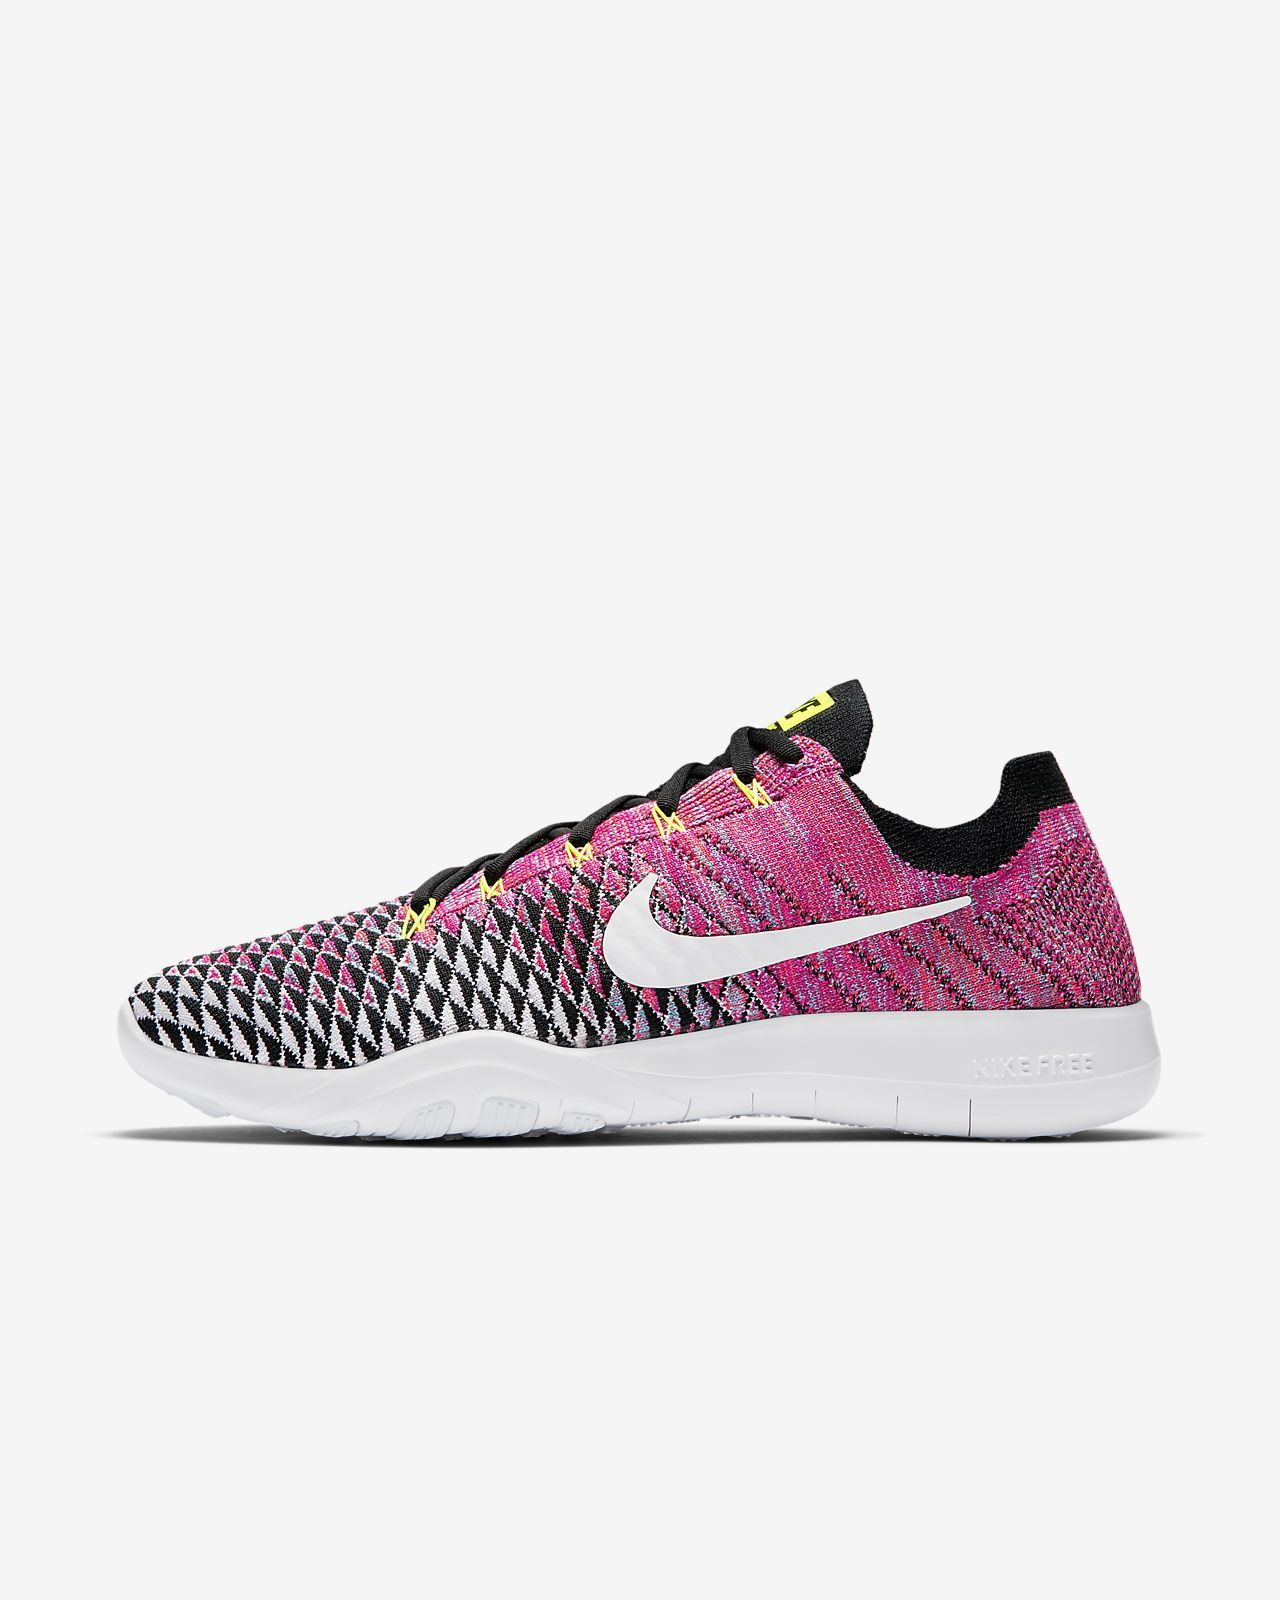 Chaussure de training et d'entraînement avec poids du corps Nike Free TR  Flyknit 2 pour Femme Dotée d'un tissu doux et d'une conception innovante au  milieu ...